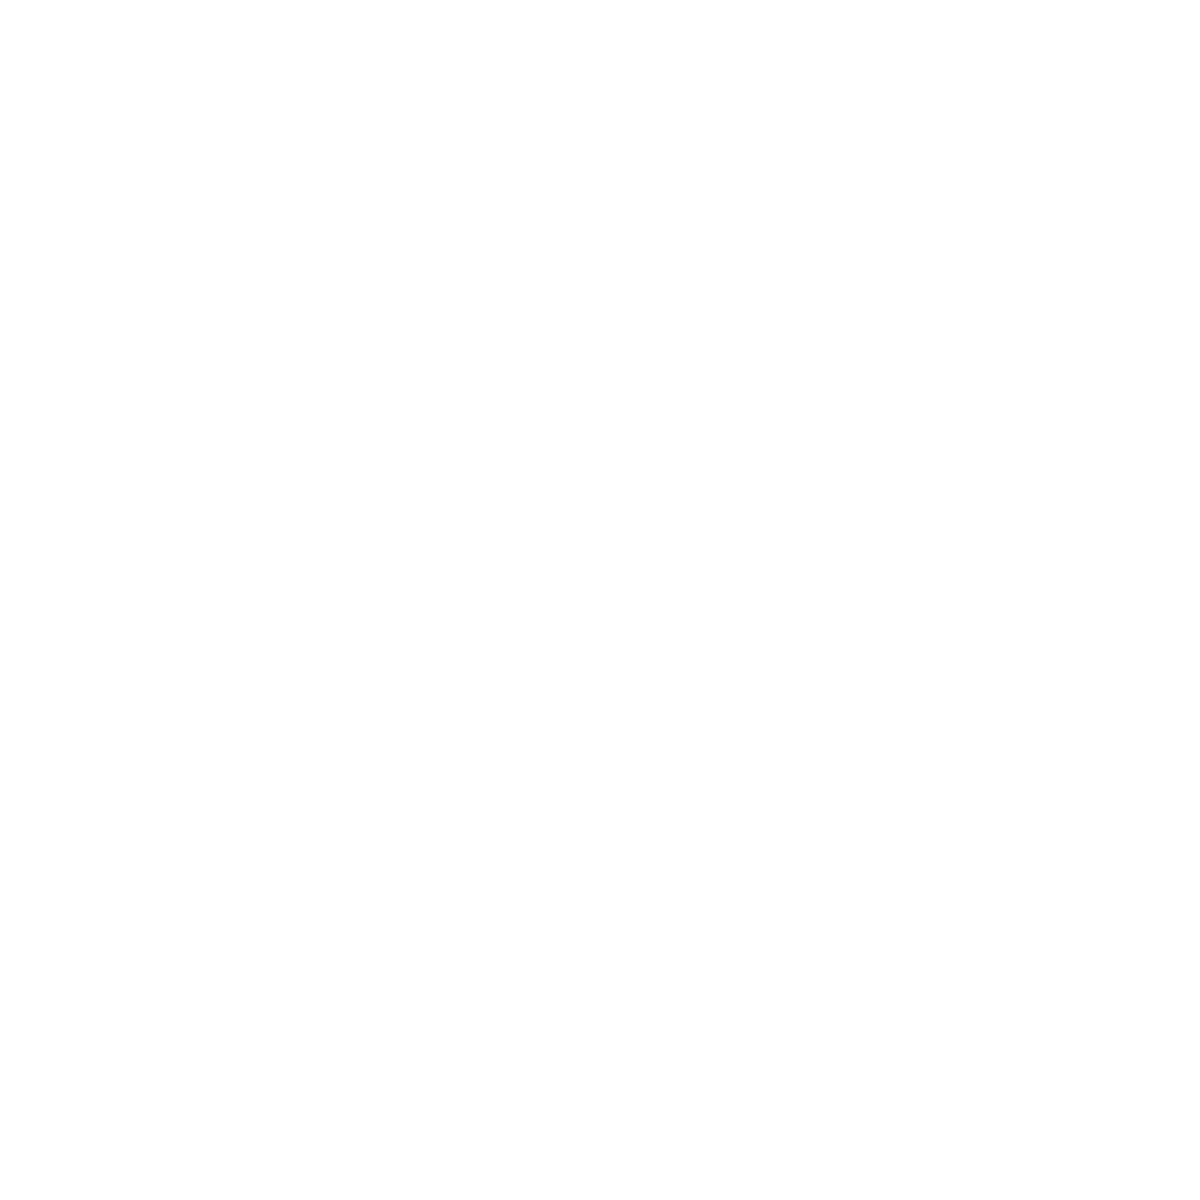 noun_Radio_2146928_ffffff